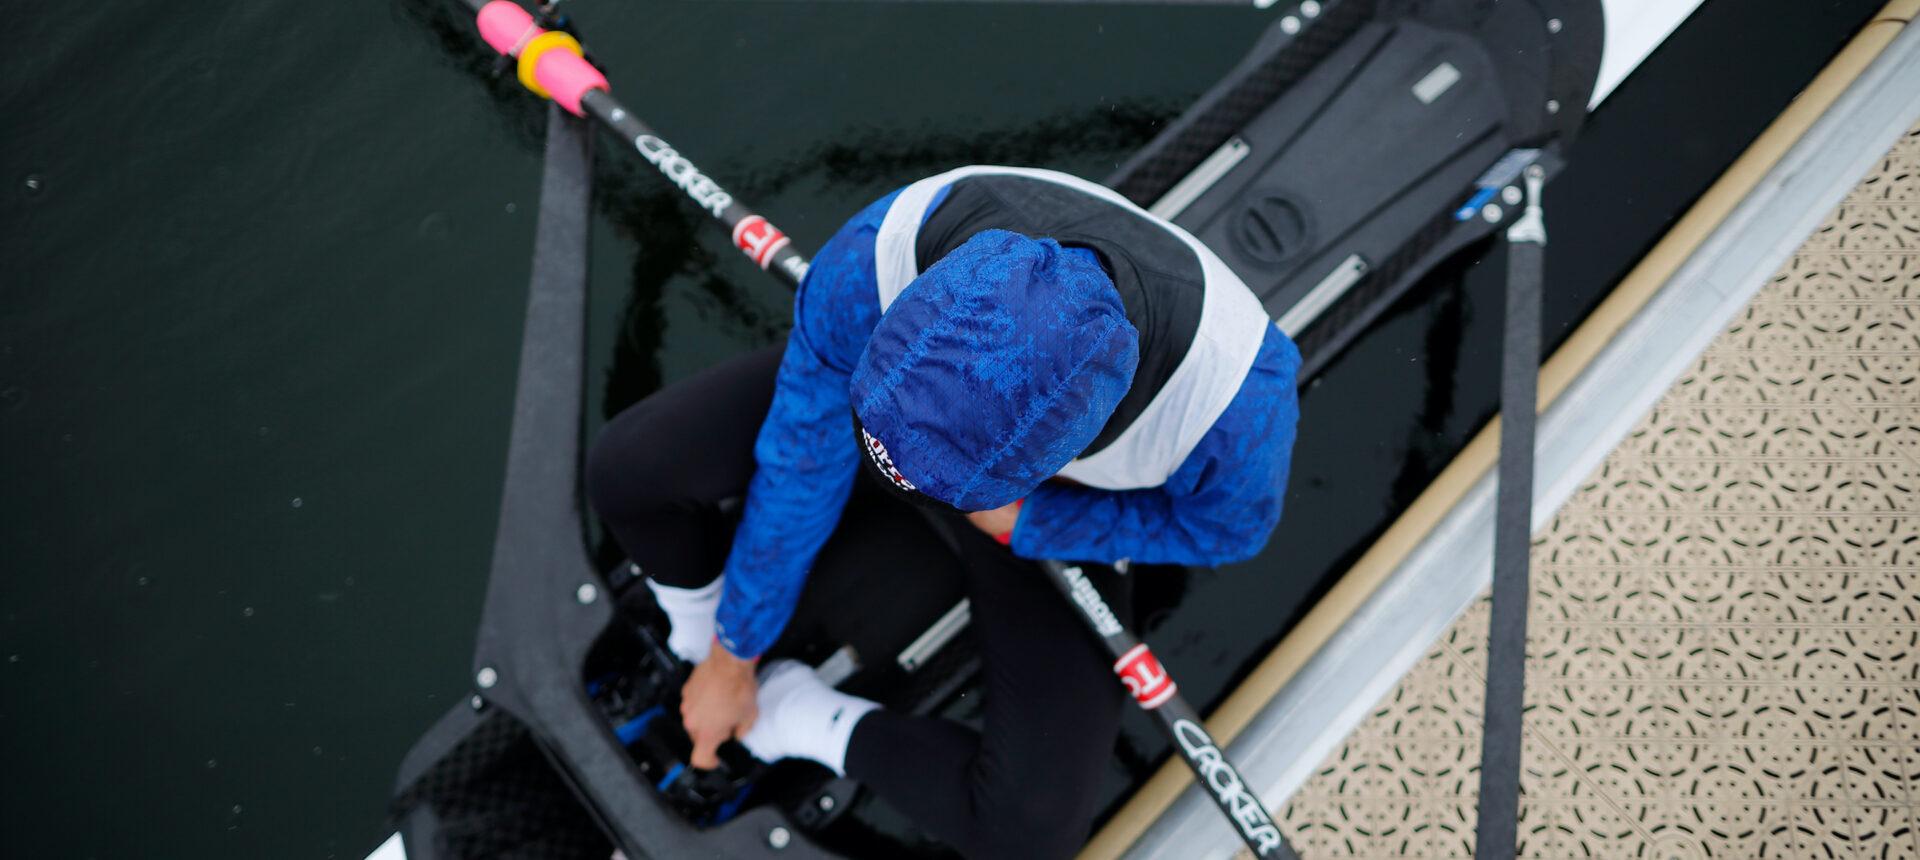 Member Update #5: Return to Rowing